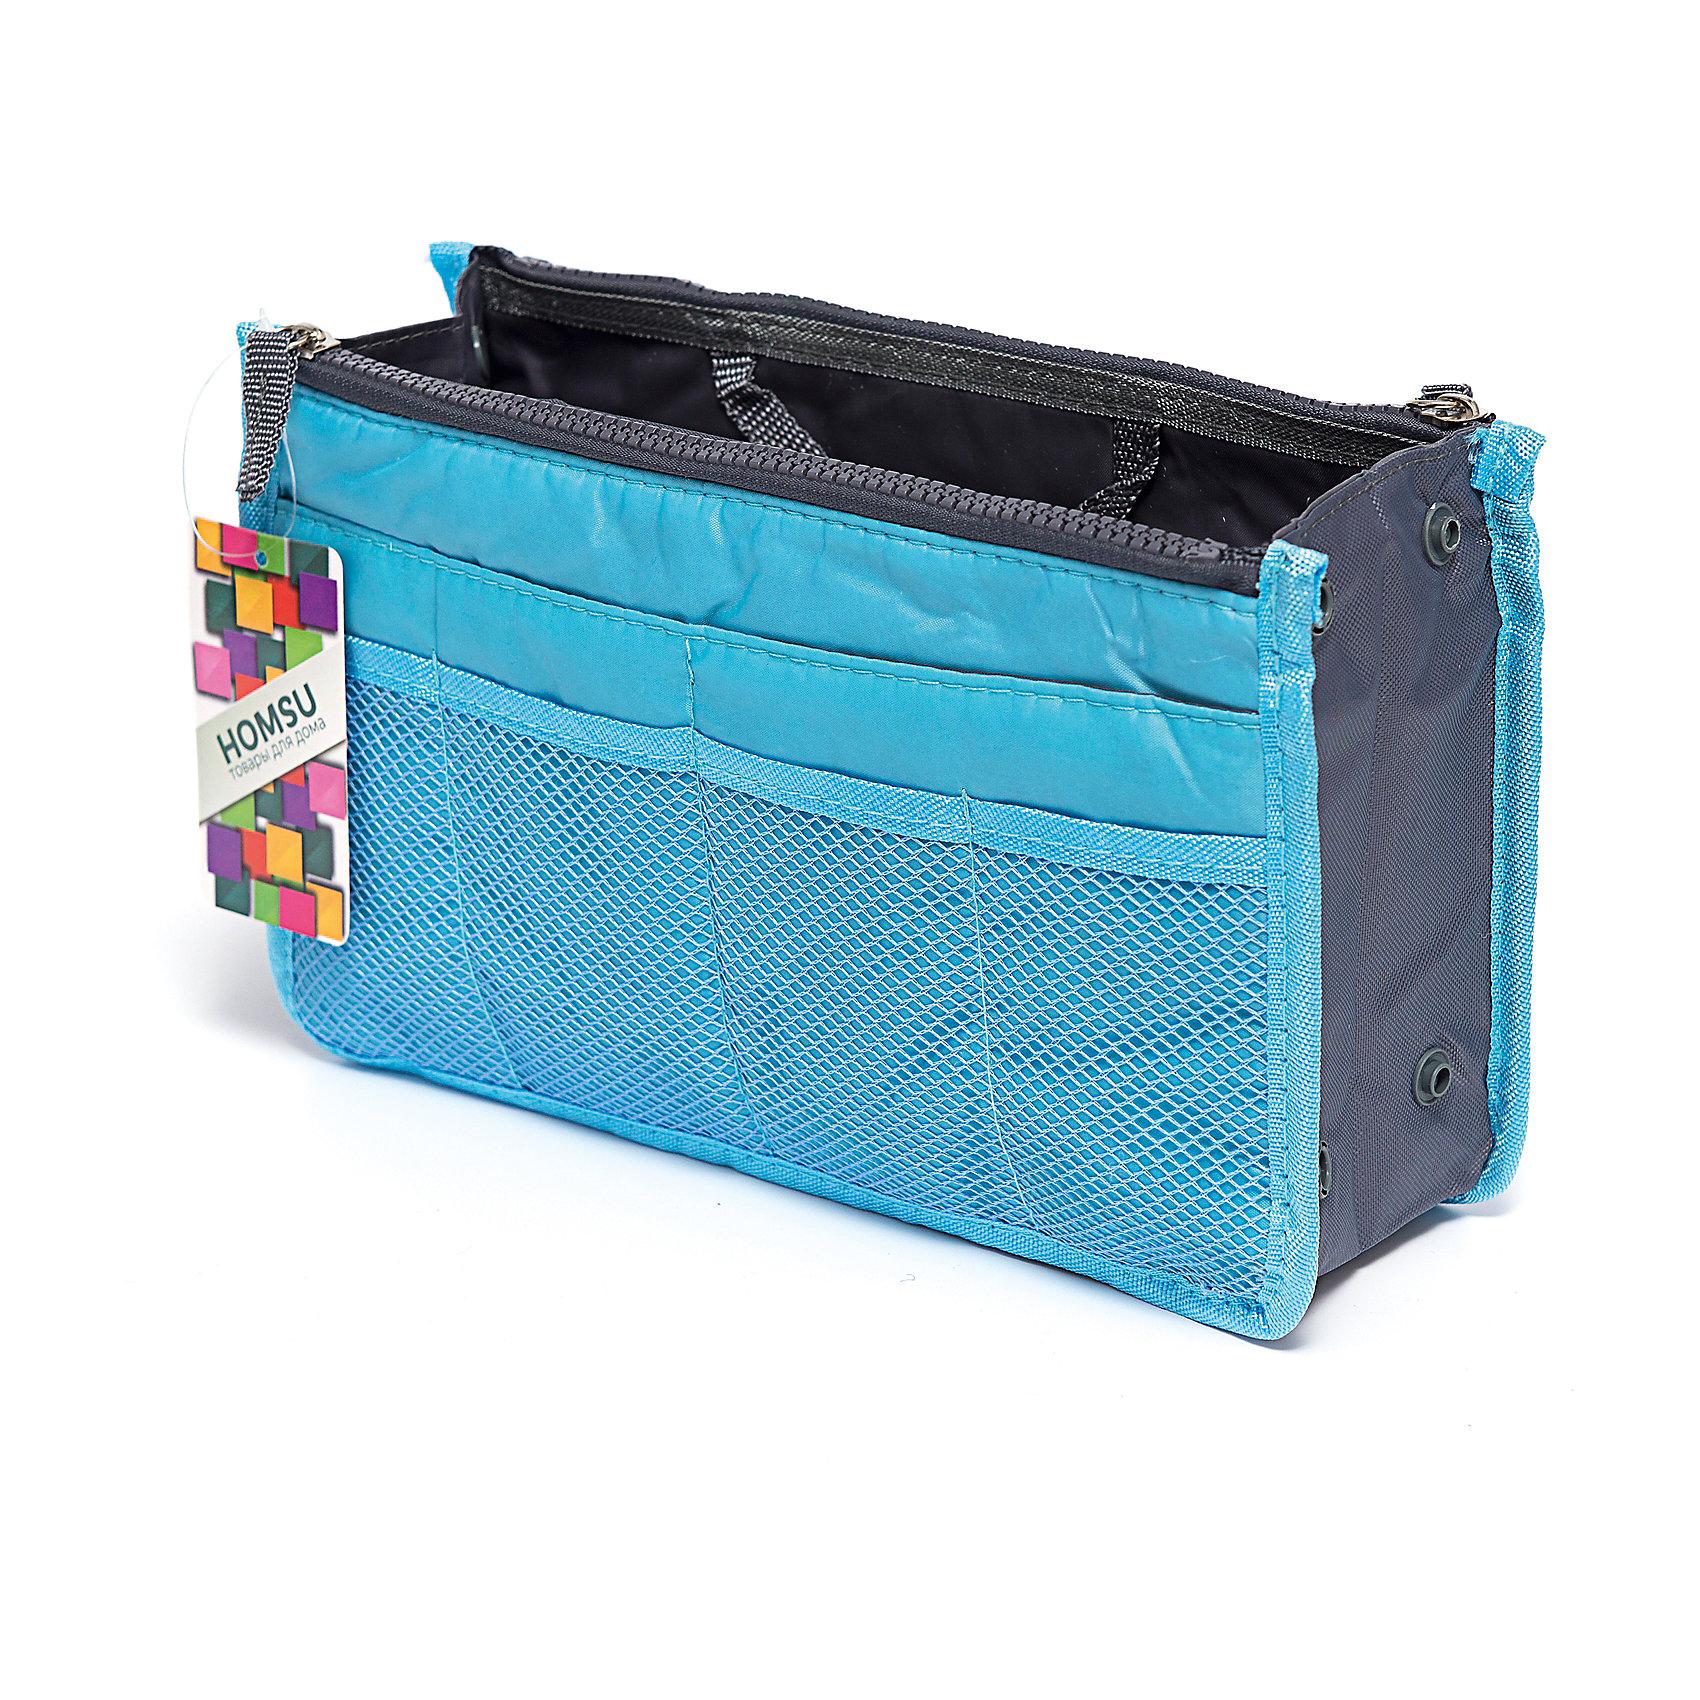 Органайзер для сумки, Homsu, синийПорядок в детской<br>Этот органайзер для сумки благодаря трем вместительным отделениям для вещей, четырем кармашкам по бокам и шести кармашкам в виде сетки обеспечит полный порядок в вашей сумке. Кроме того, изделие обладает интересным стилем, выполнено в желтом цвете и оснащёно двумя крепкими ручками, что позволяет применять его и вне сумки, как отдельный аксессуар.<br><br>Ширина мм: 280<br>Глубина мм: 30<br>Высота мм: 170<br>Вес г: 200<br>Возраст от месяцев: 216<br>Возраст до месяцев: 1188<br>Пол: Унисекс<br>Возраст: Детский<br>SKU: 5620311